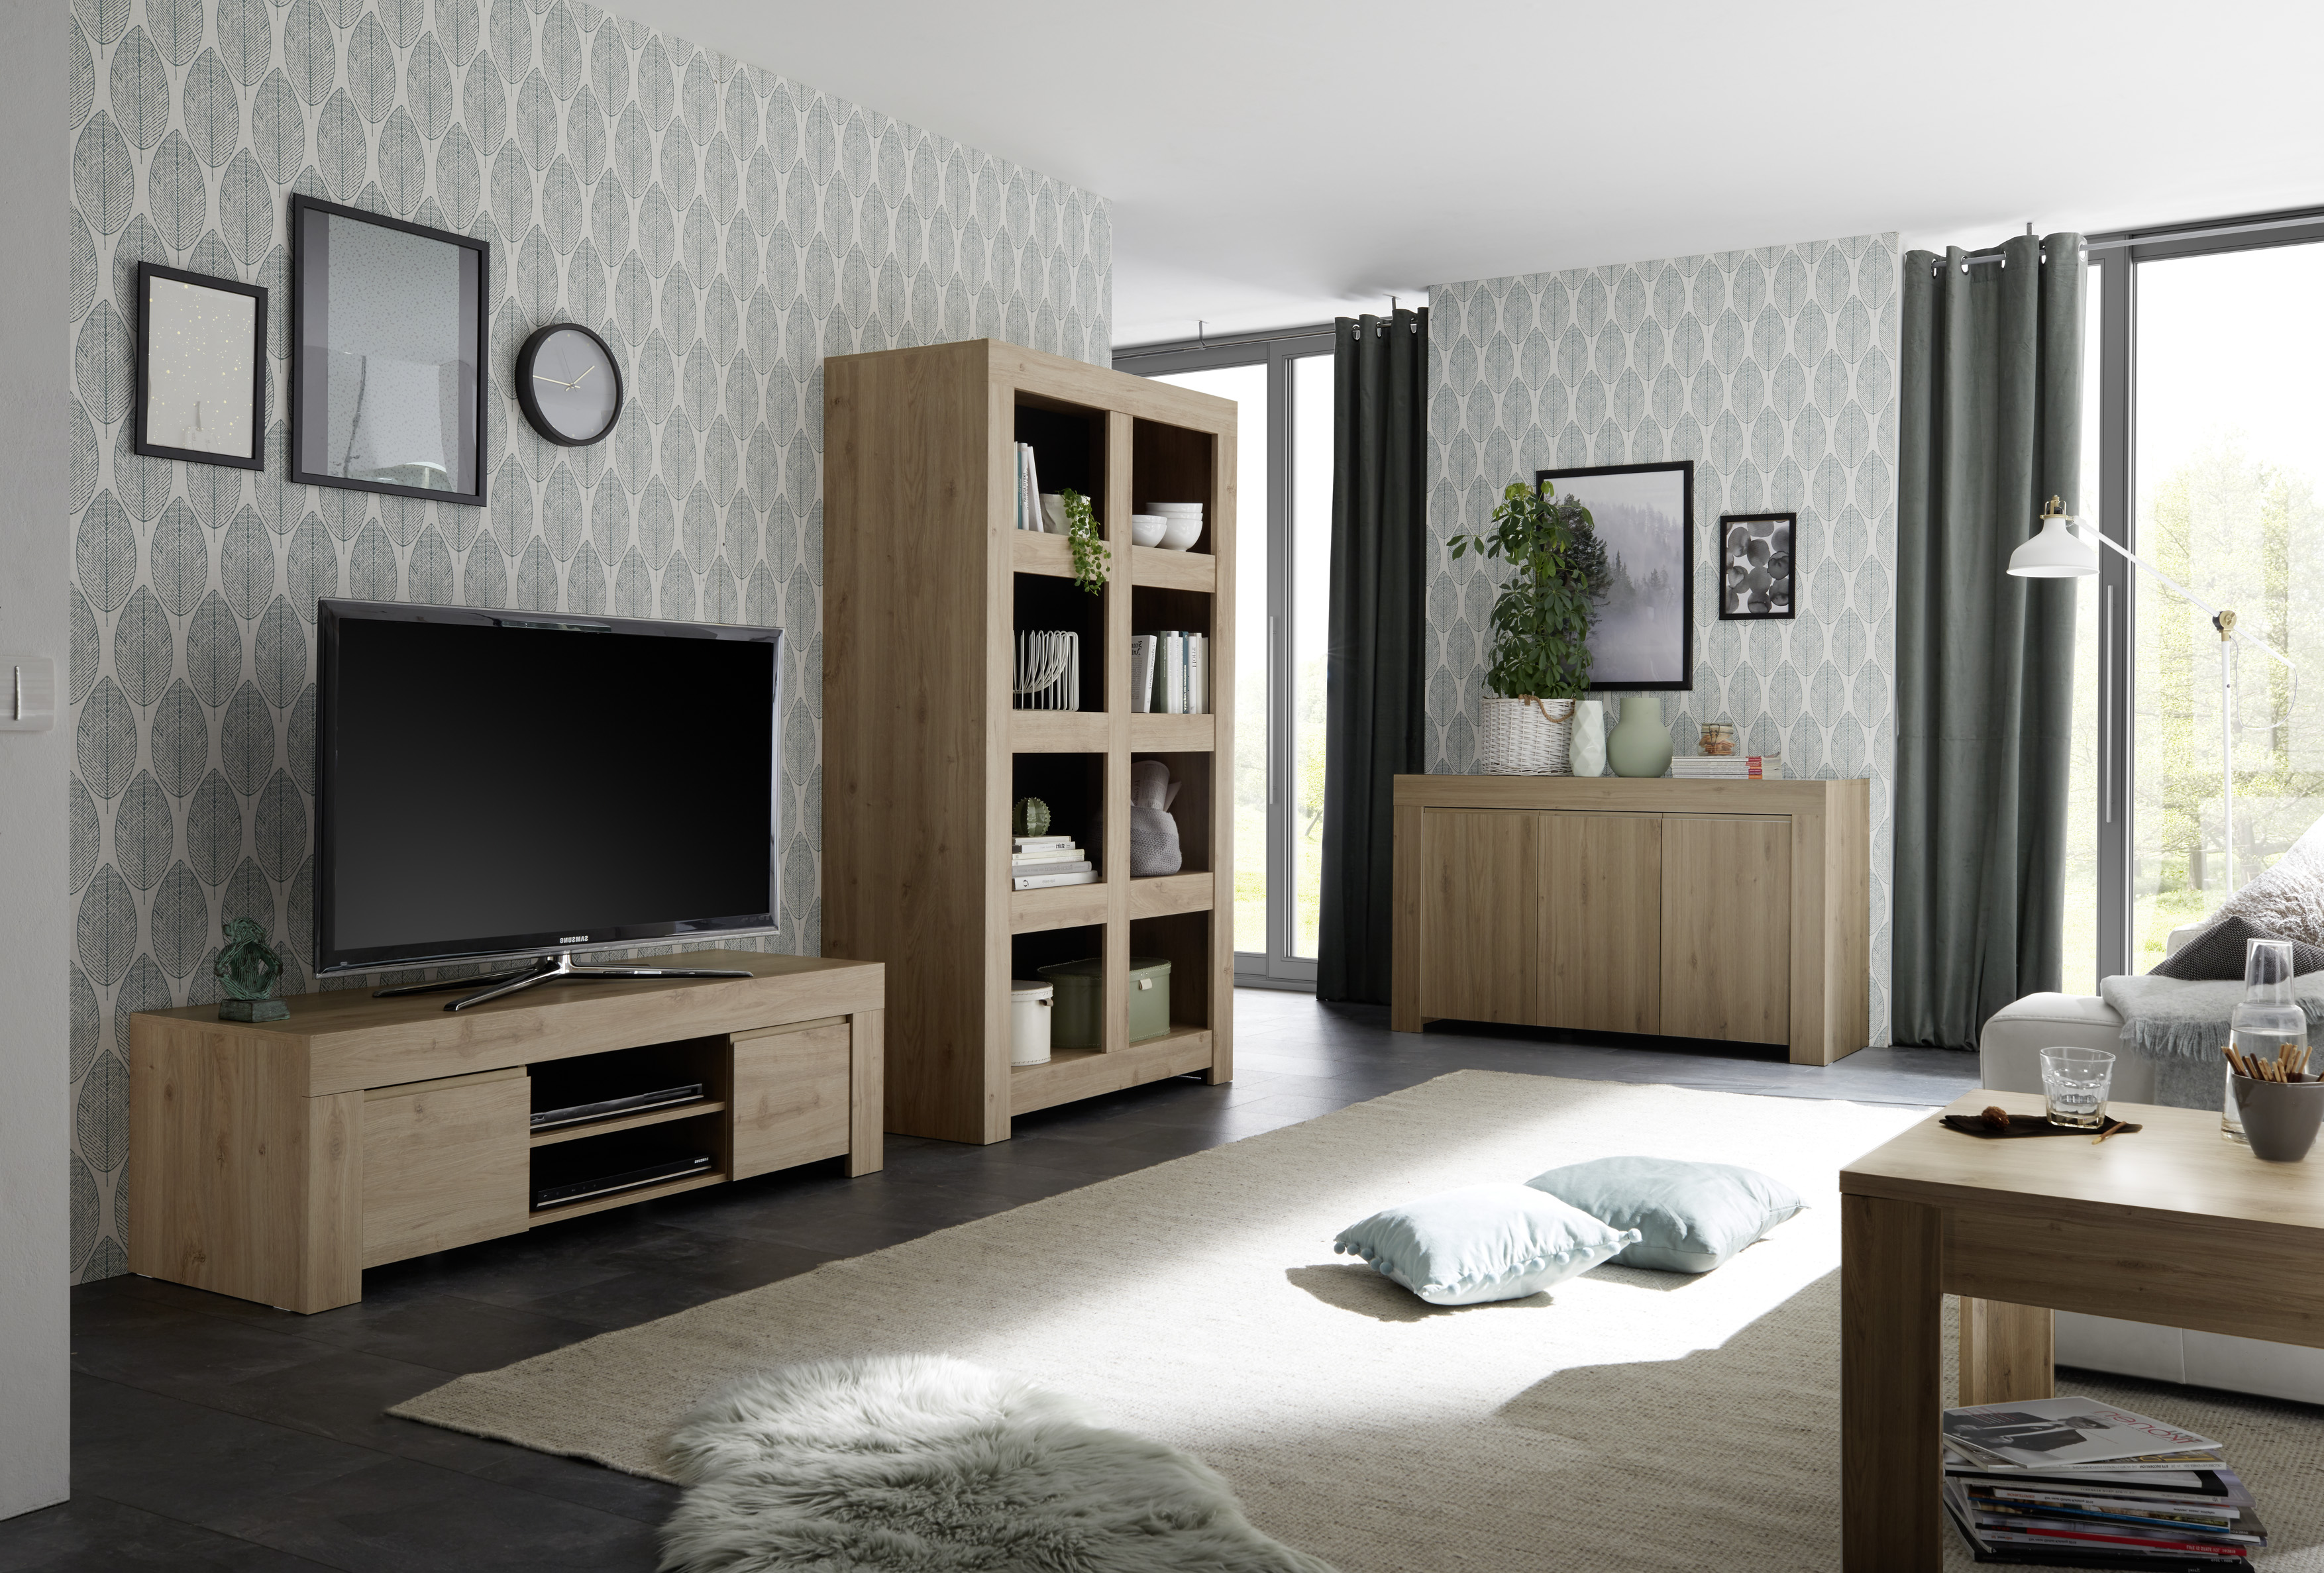 Wohnzimmer Set Fren In Eiche Tv Schrank Element Kaufen Bei Kapa